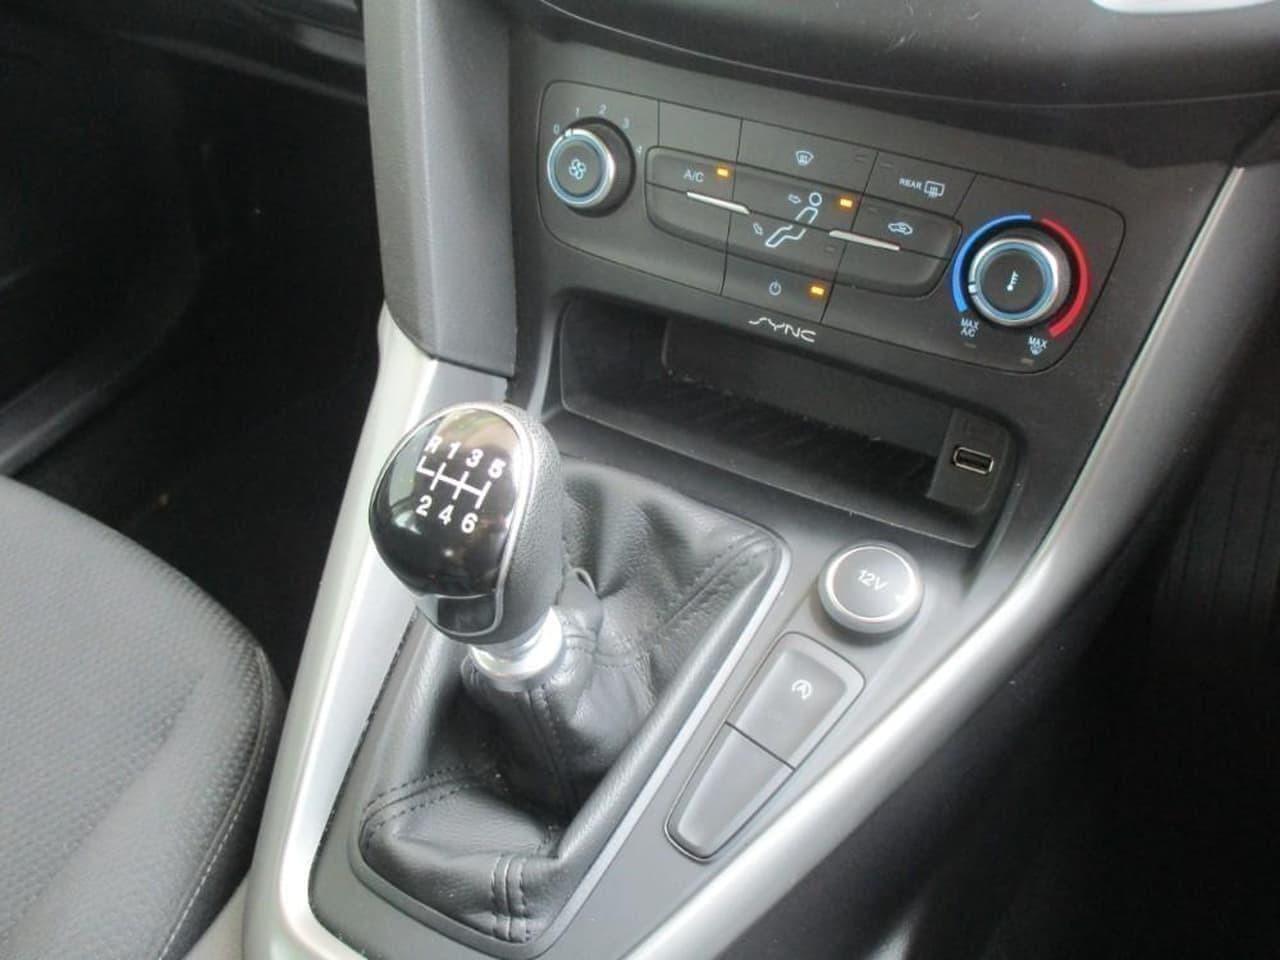 2018 Ford Focus LZ TREND Hatchback